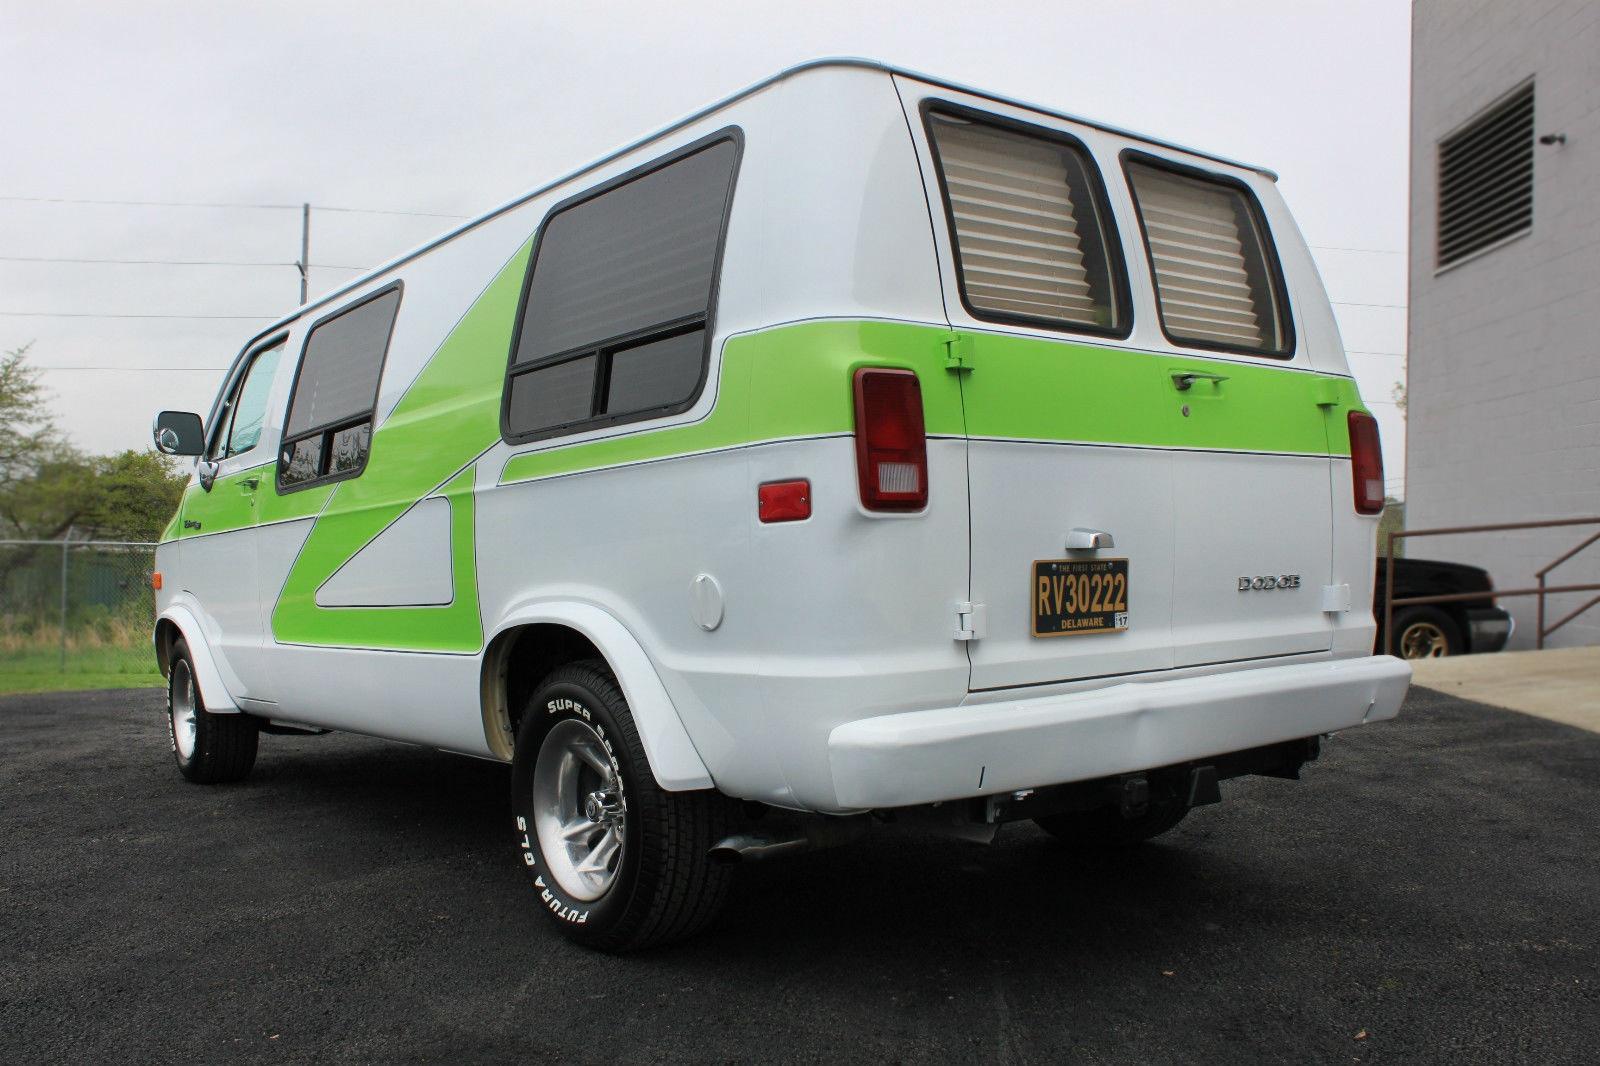 78 dodge van